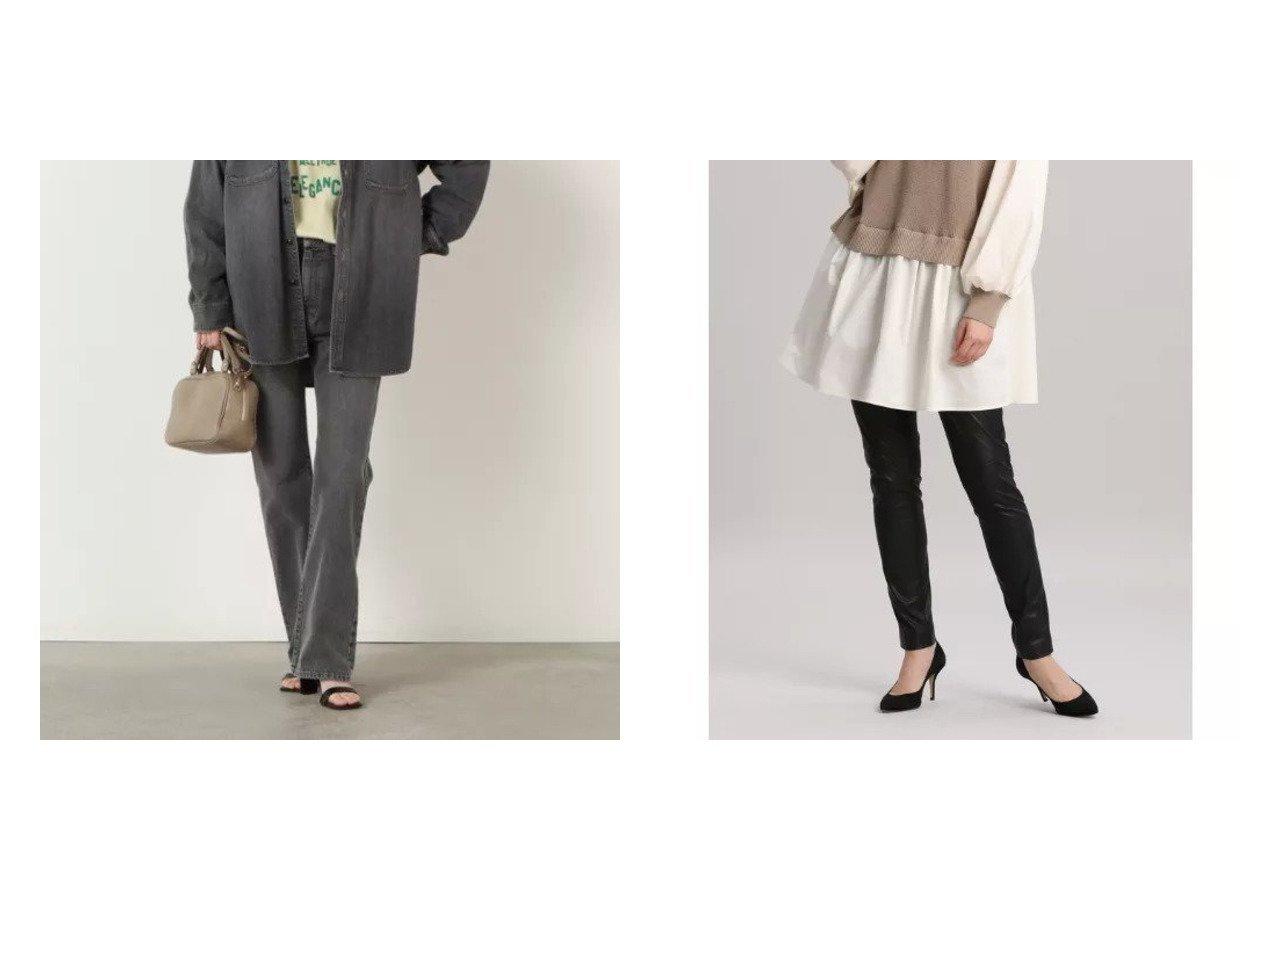 【Rie Miller/リエミラー】の【アティックバイジョンブル】ブーツカットデニムパンツ&【INED/イネド】のエコレザーレギンスパンツ 【パンツ】おすすめ!人気、トレンド・レディースファッションの通販 おすすめで人気の流行・トレンド、ファッションの通販商品 インテリア・家具・メンズファッション・キッズファッション・レディースファッション・服の通販 founy(ファニー) https://founy.com/ ファッション Fashion レディースファッション WOMEN パンツ Pants デニムパンツ Denim Pants レギンス Leggings ヴィンテージ デニム フレア A/W・秋冬 AW・Autumn/Winter・FW・Fall-Winter 2021年 2021 2021-2022秋冬・A/W AW・Autumn/Winter・FW・Fall-Winter・2021-2022 おすすめ Recommend 日本製 Made in Japan ストレッチ トレンド レギンス |ID:crp329100000068997